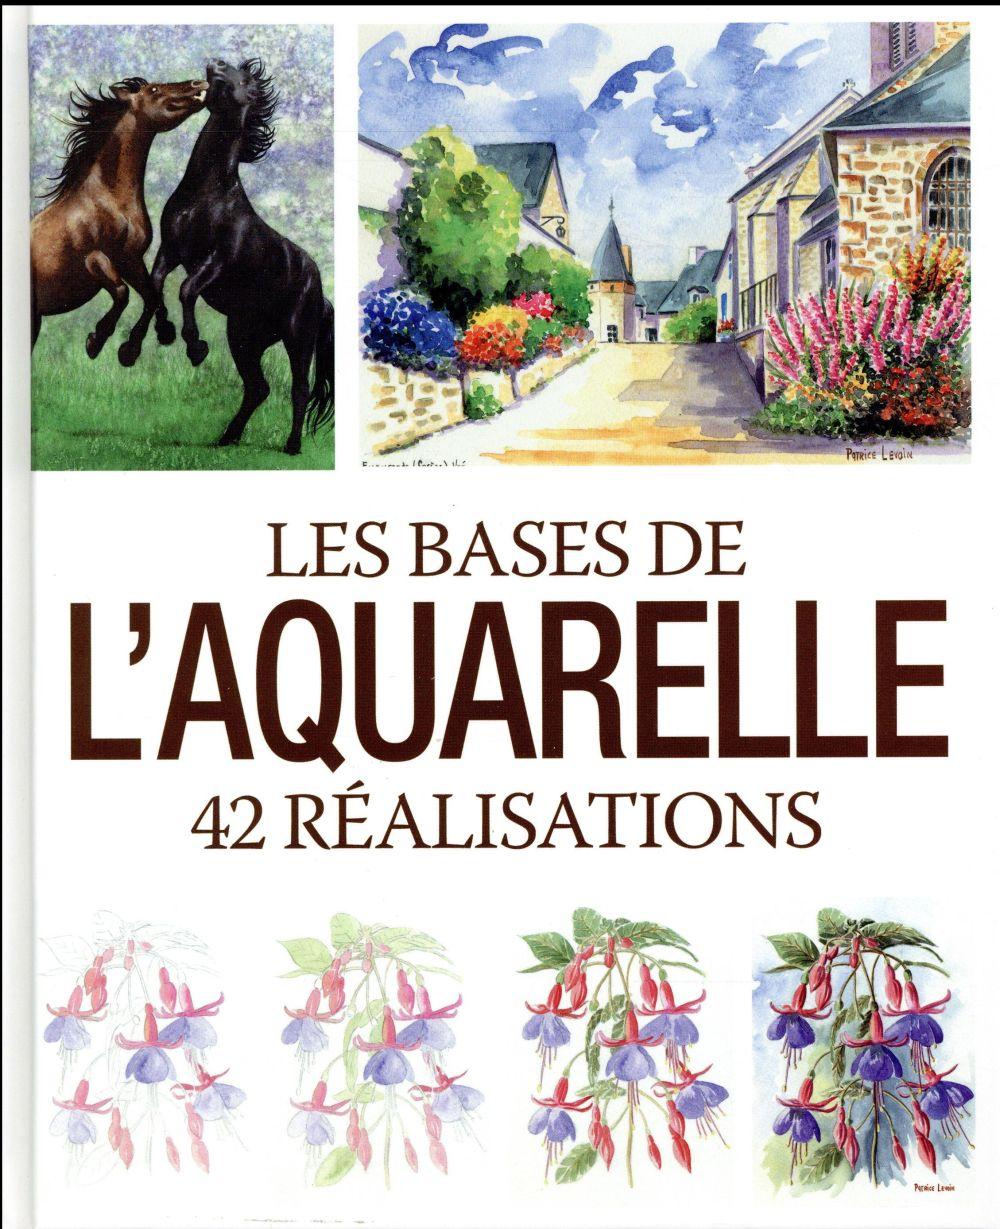 Les bases de l'aquarelle ; 42 réalisations